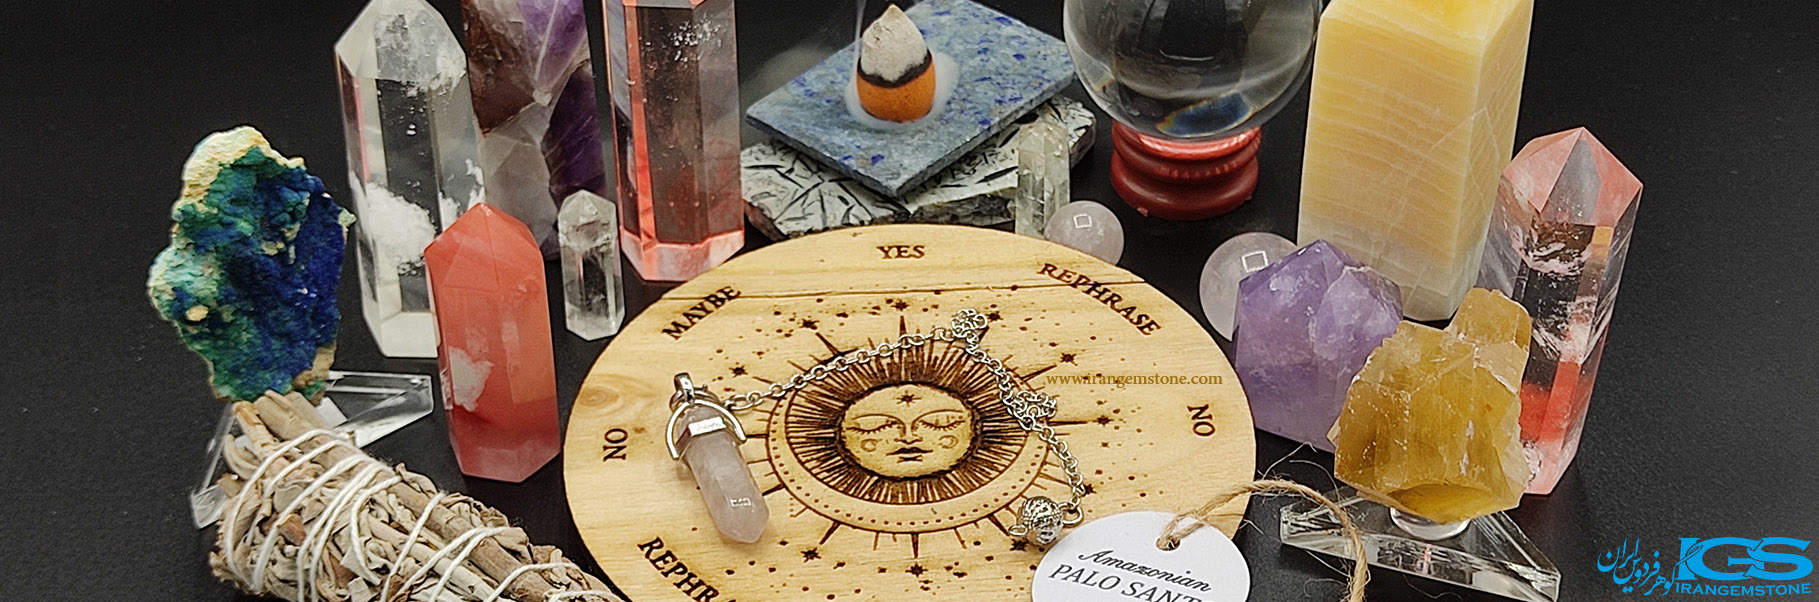 میز آونگ به همراه کریستال کوارتز Pendulum